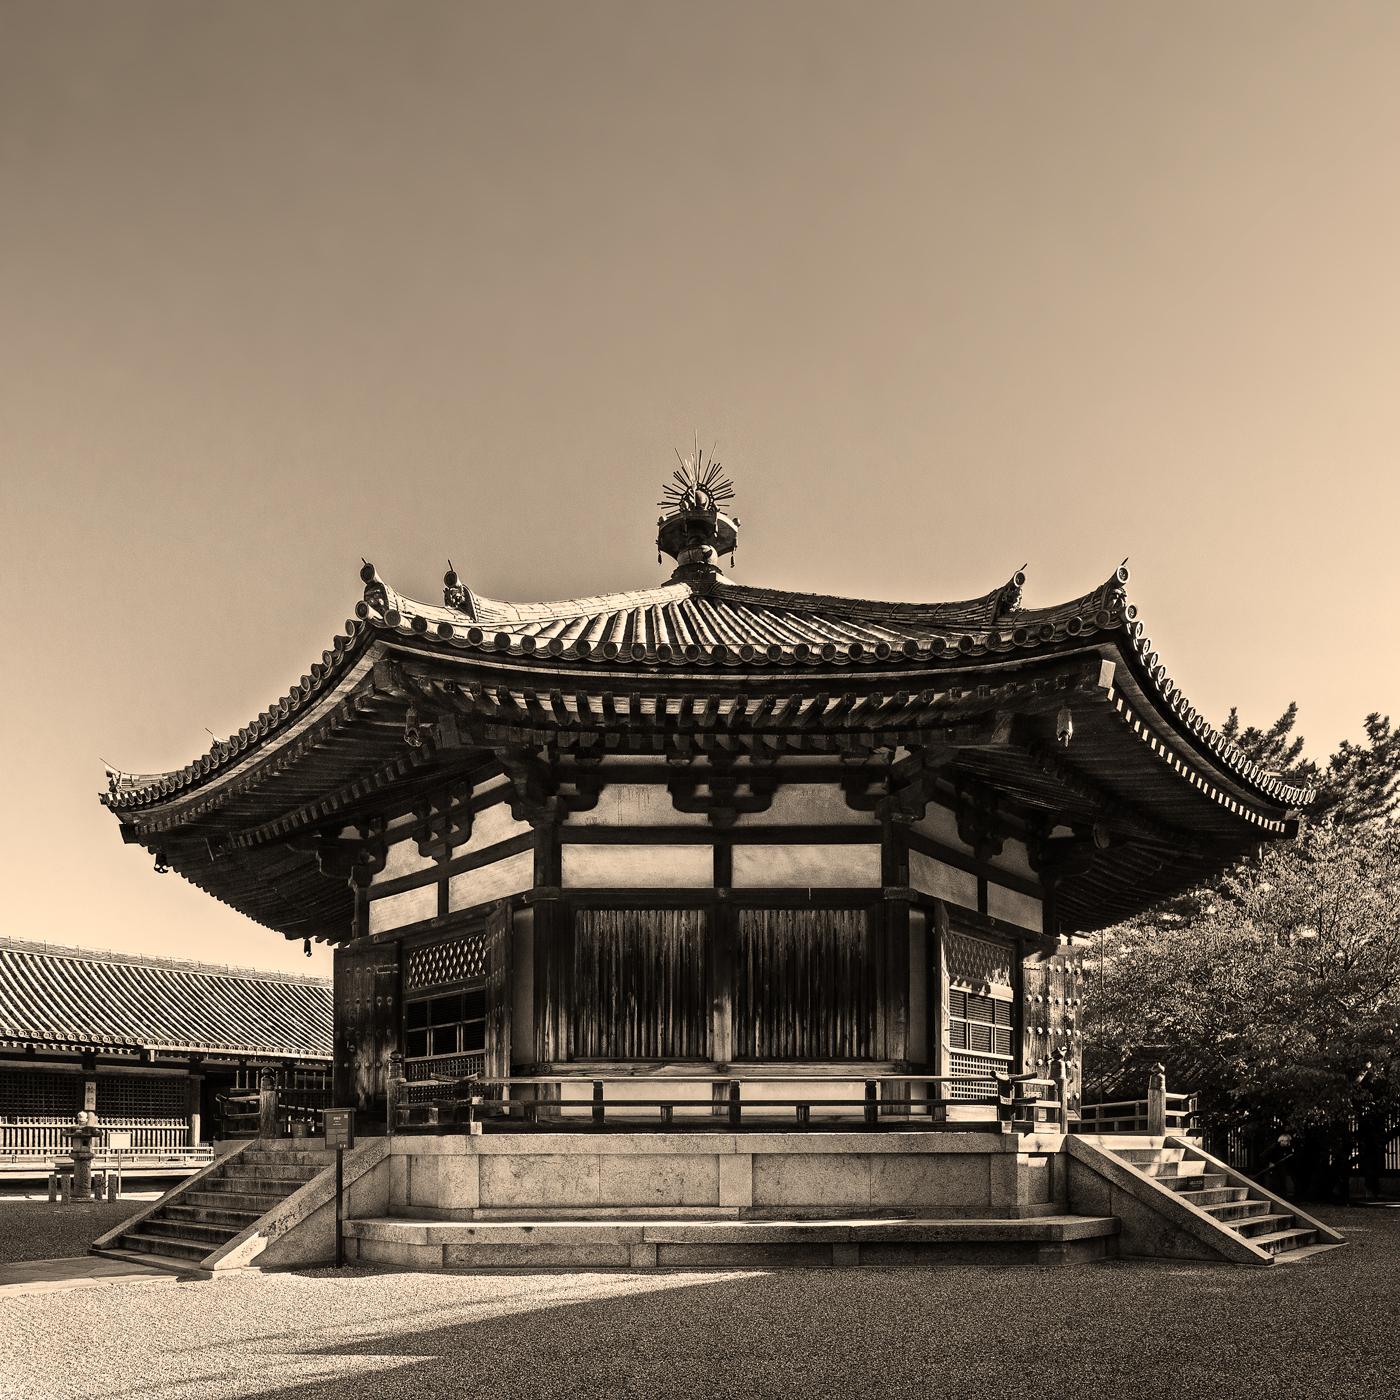 古典技法で表現した法隆寺夢殿、アルビューメンプリントのモノクロ写真, Horyuji, albumen print, Yumedono, monochrome, デジタルネガ